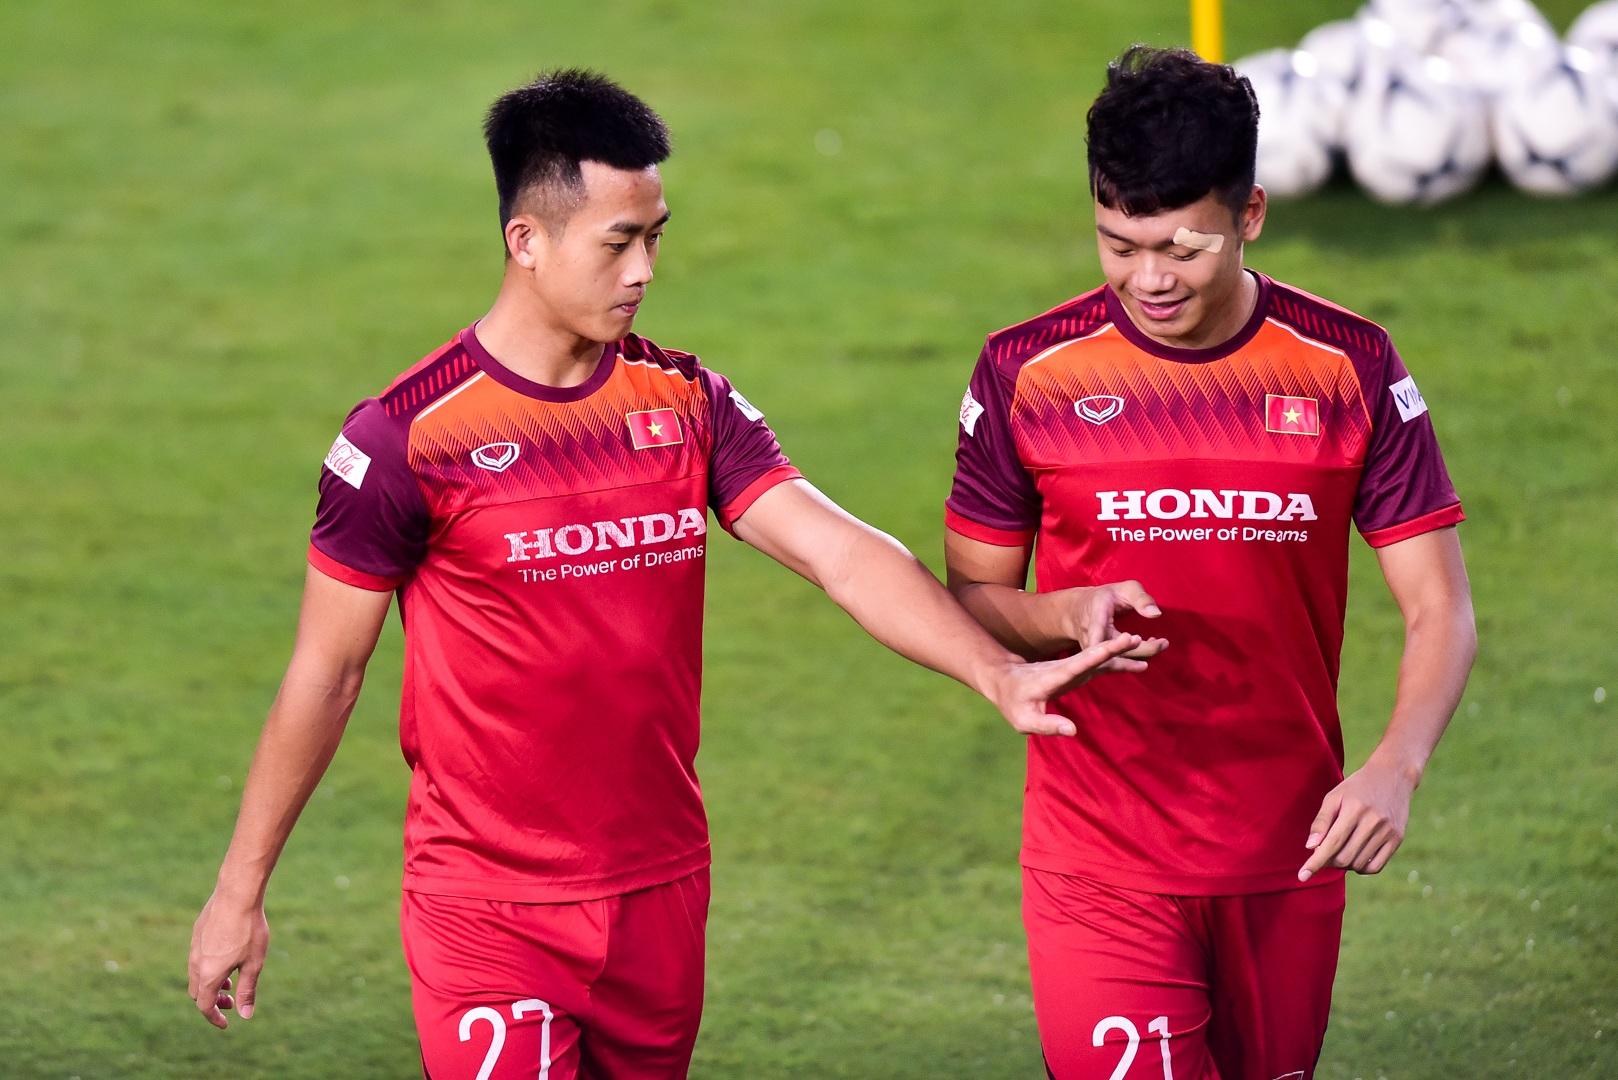 HLV Park Hang Seo hỏi thăm Quang Hải, tự tay kiểm tra vết thương Thành Chung - 17